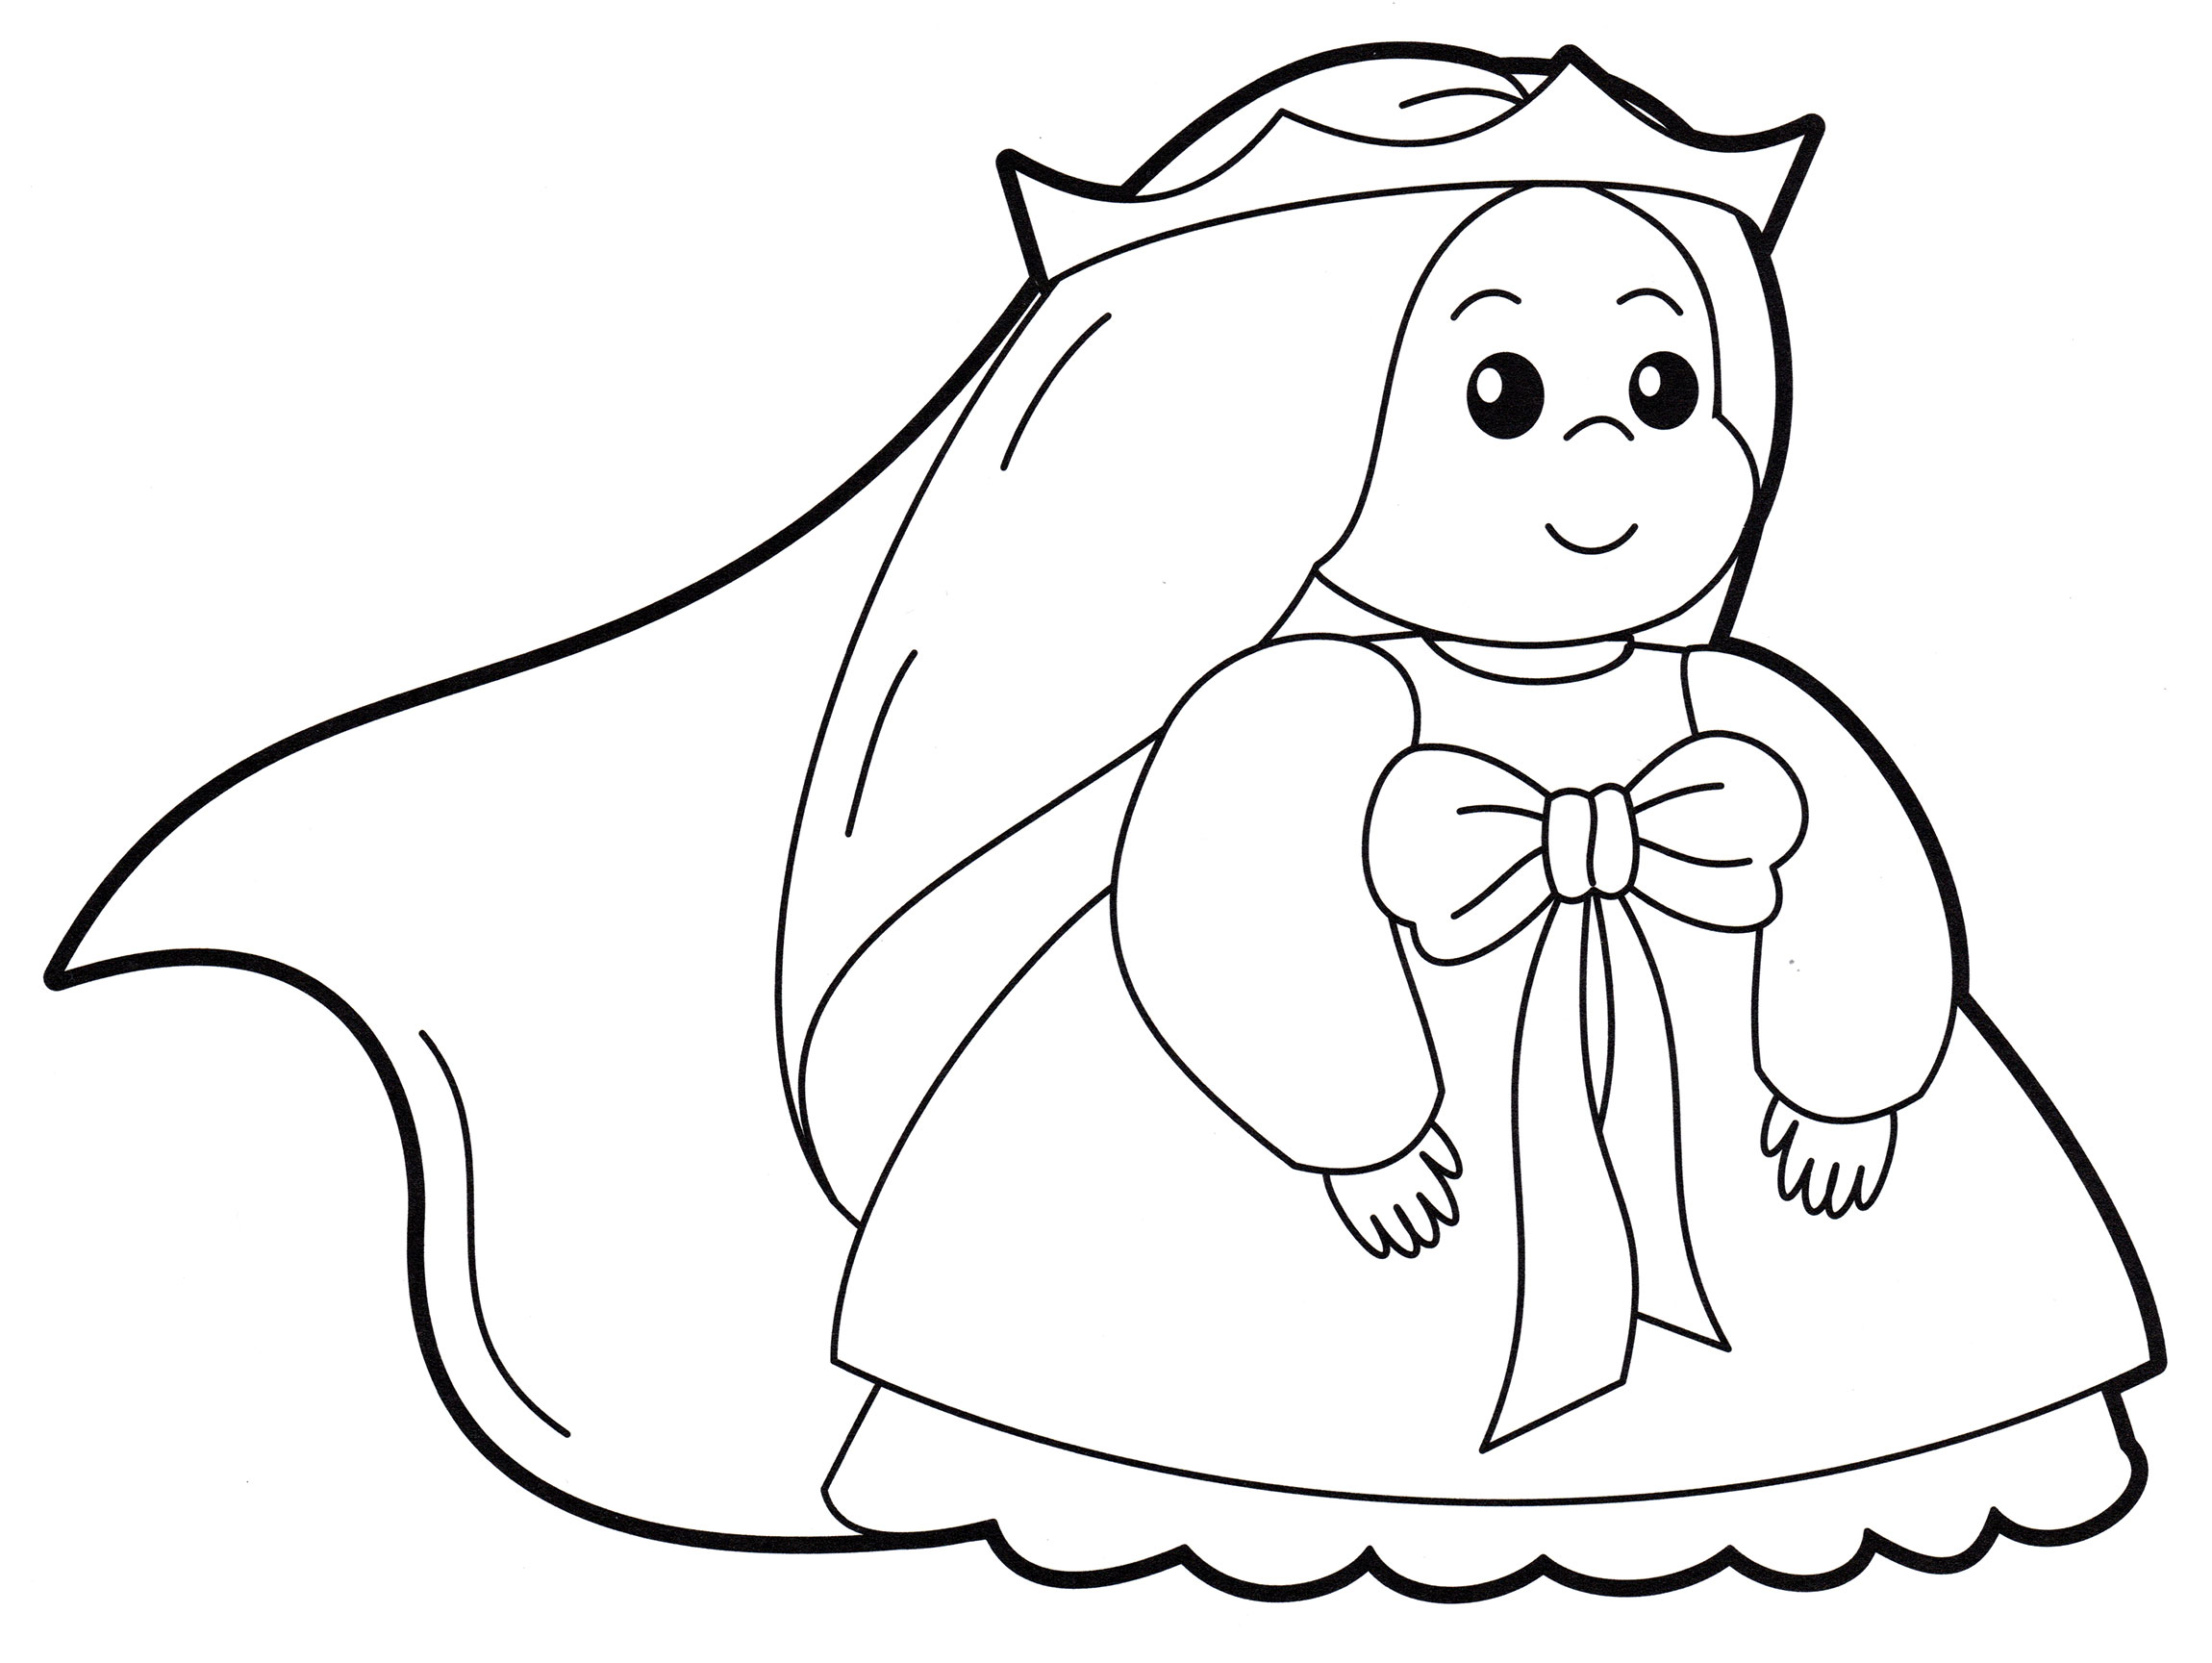 Раскраска Маленькая принцесса в короне - распечатать бесплатно